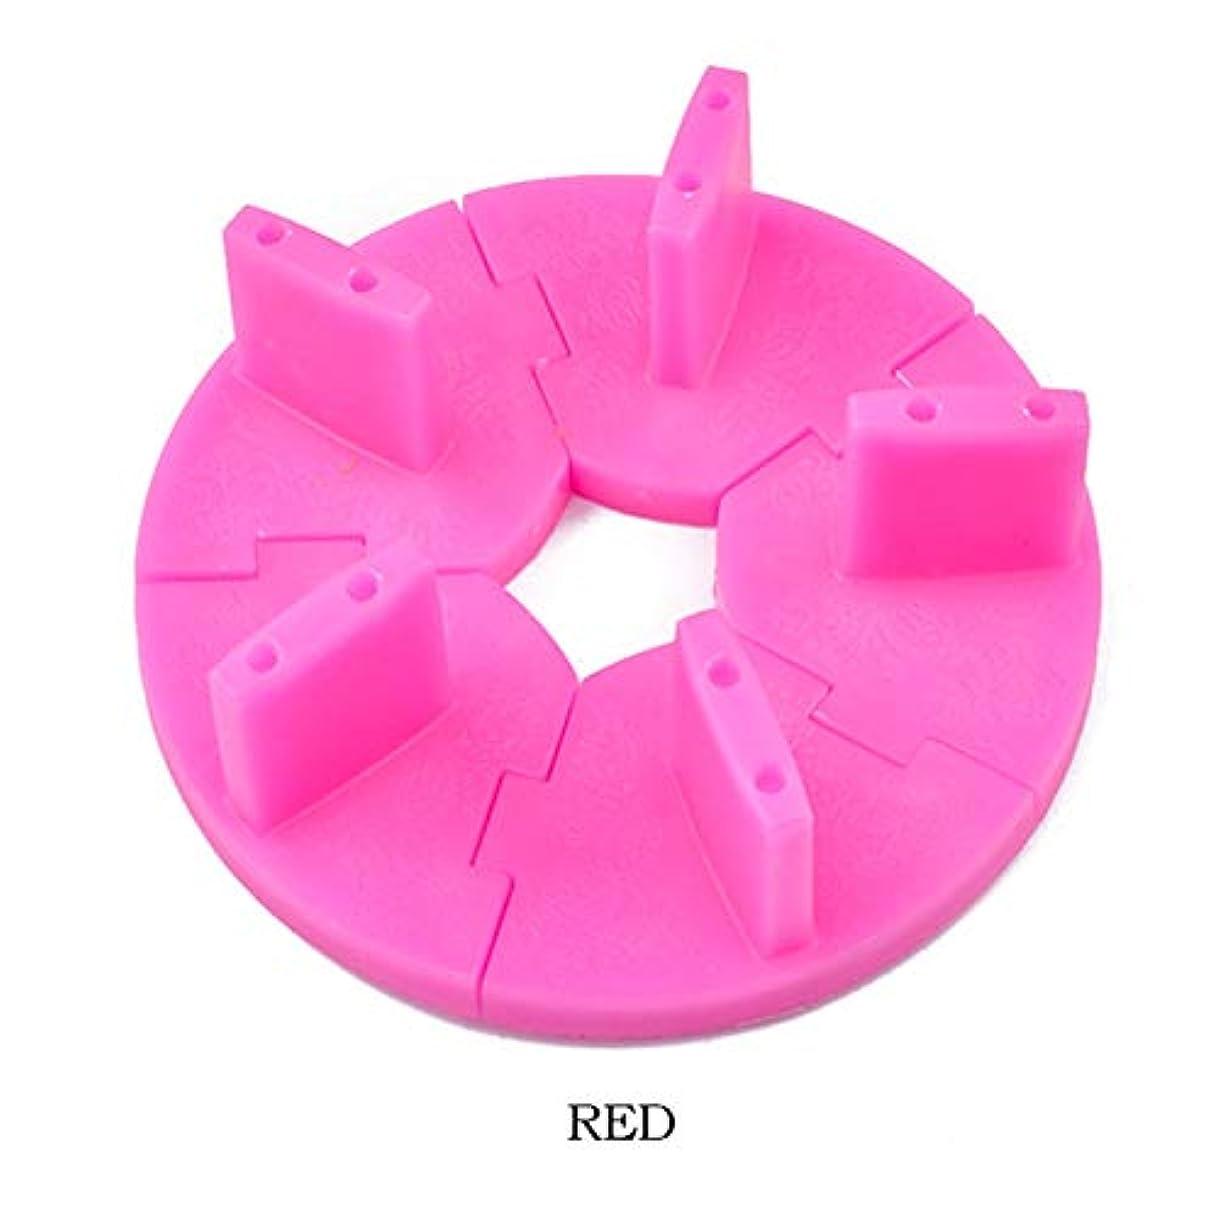 採用着替えるアヒルICYCHEERプラスチックネイルアートの表示シート取り外し可能ロータストレーニングフレームDIYのヒント練習 (Red)